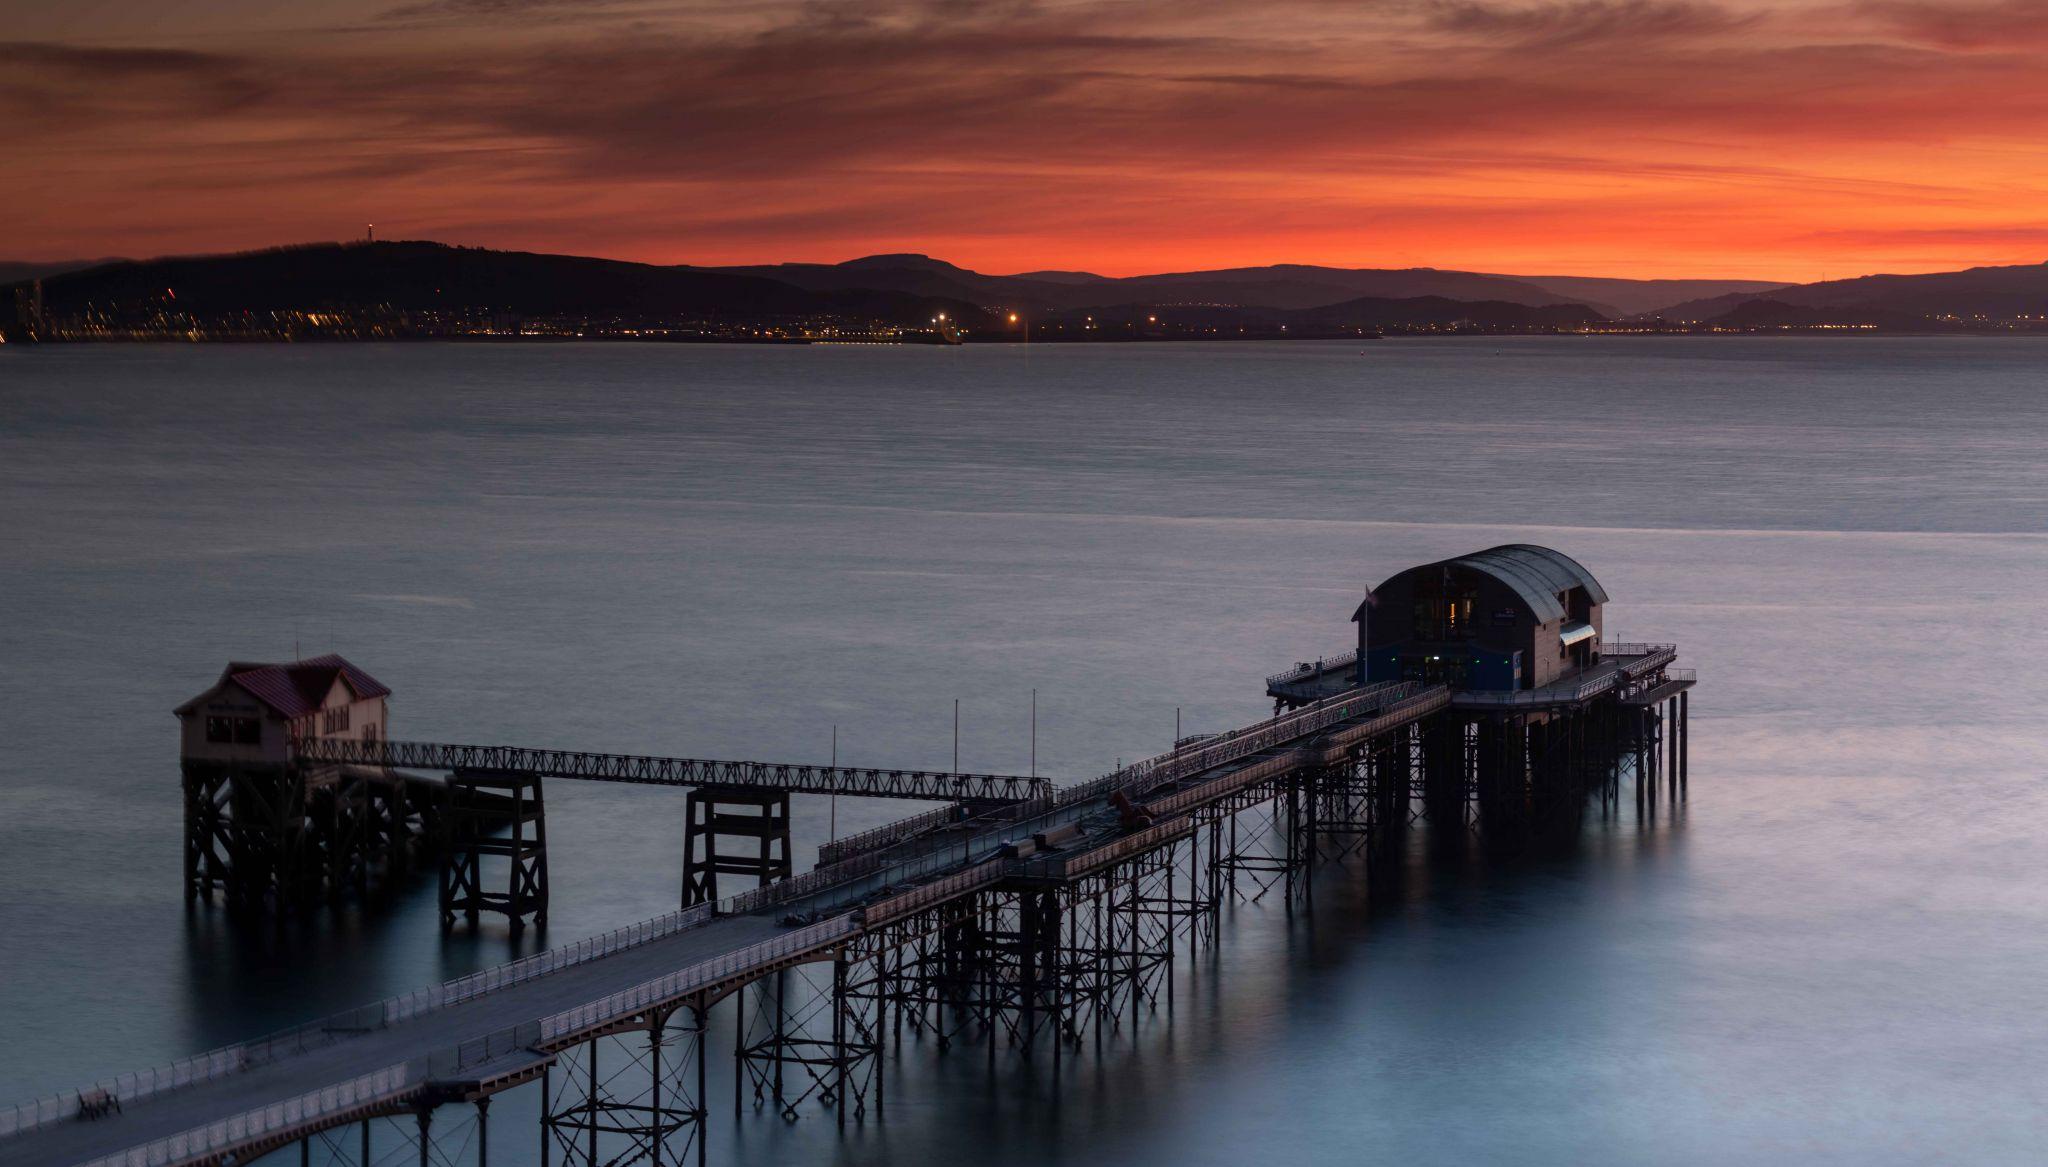 Mumbles Pier & Life Boat station sunrise Wales, United Kingdom